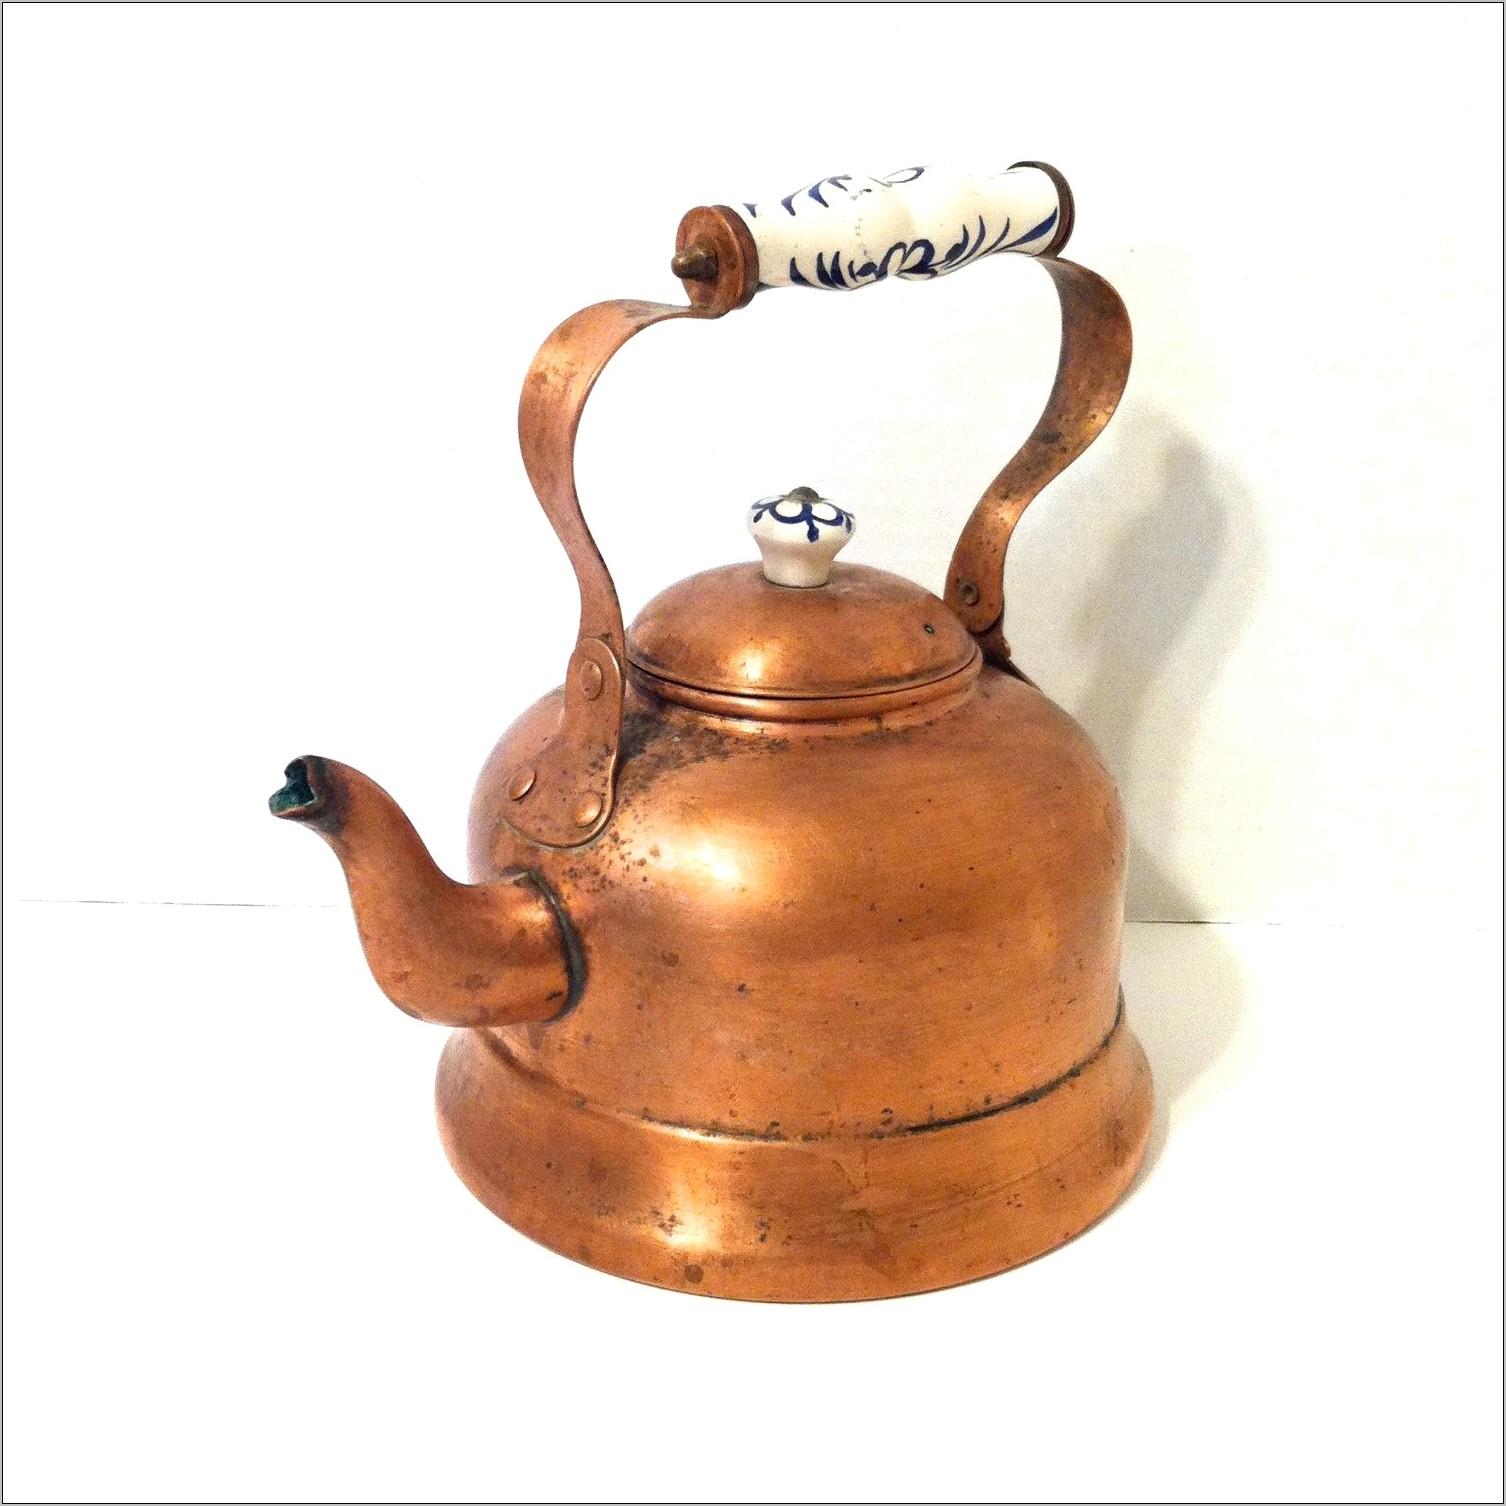 Vintage Copper Teapot Decoration At Kitchen